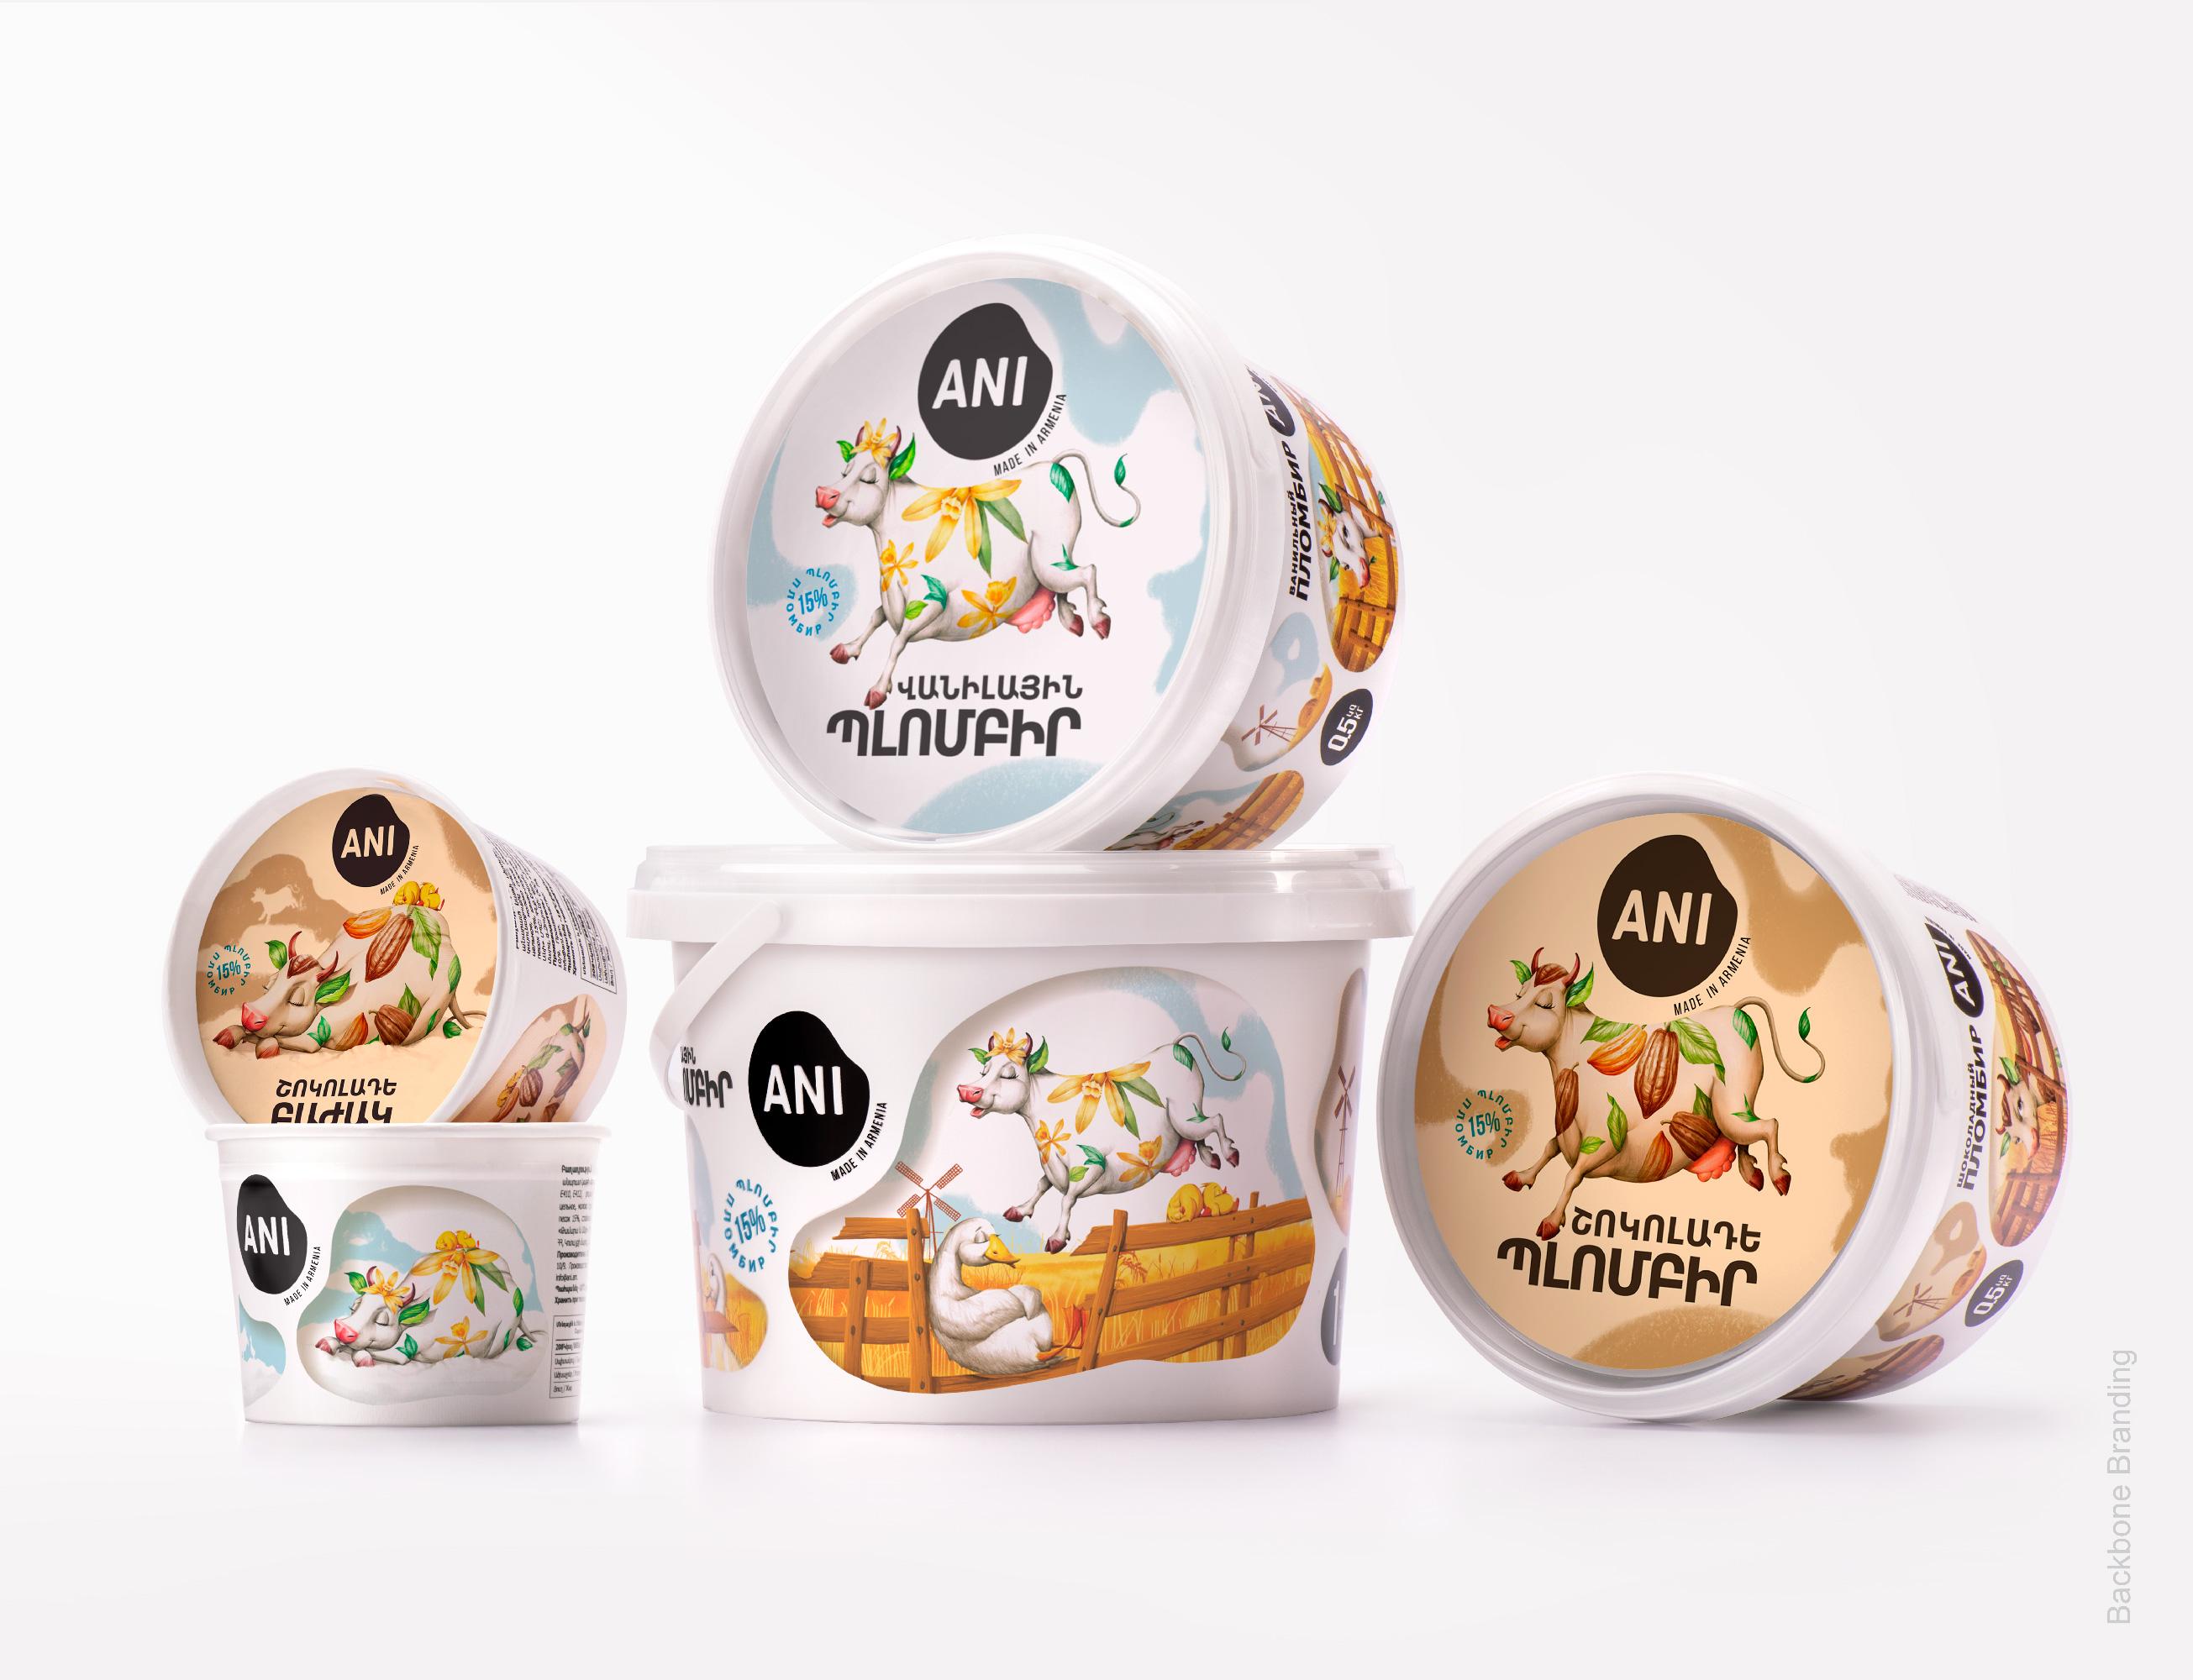 Backbone Branding Create Packaging Design Range for Ani's Sub-Brand Butter-Based Ice Cream